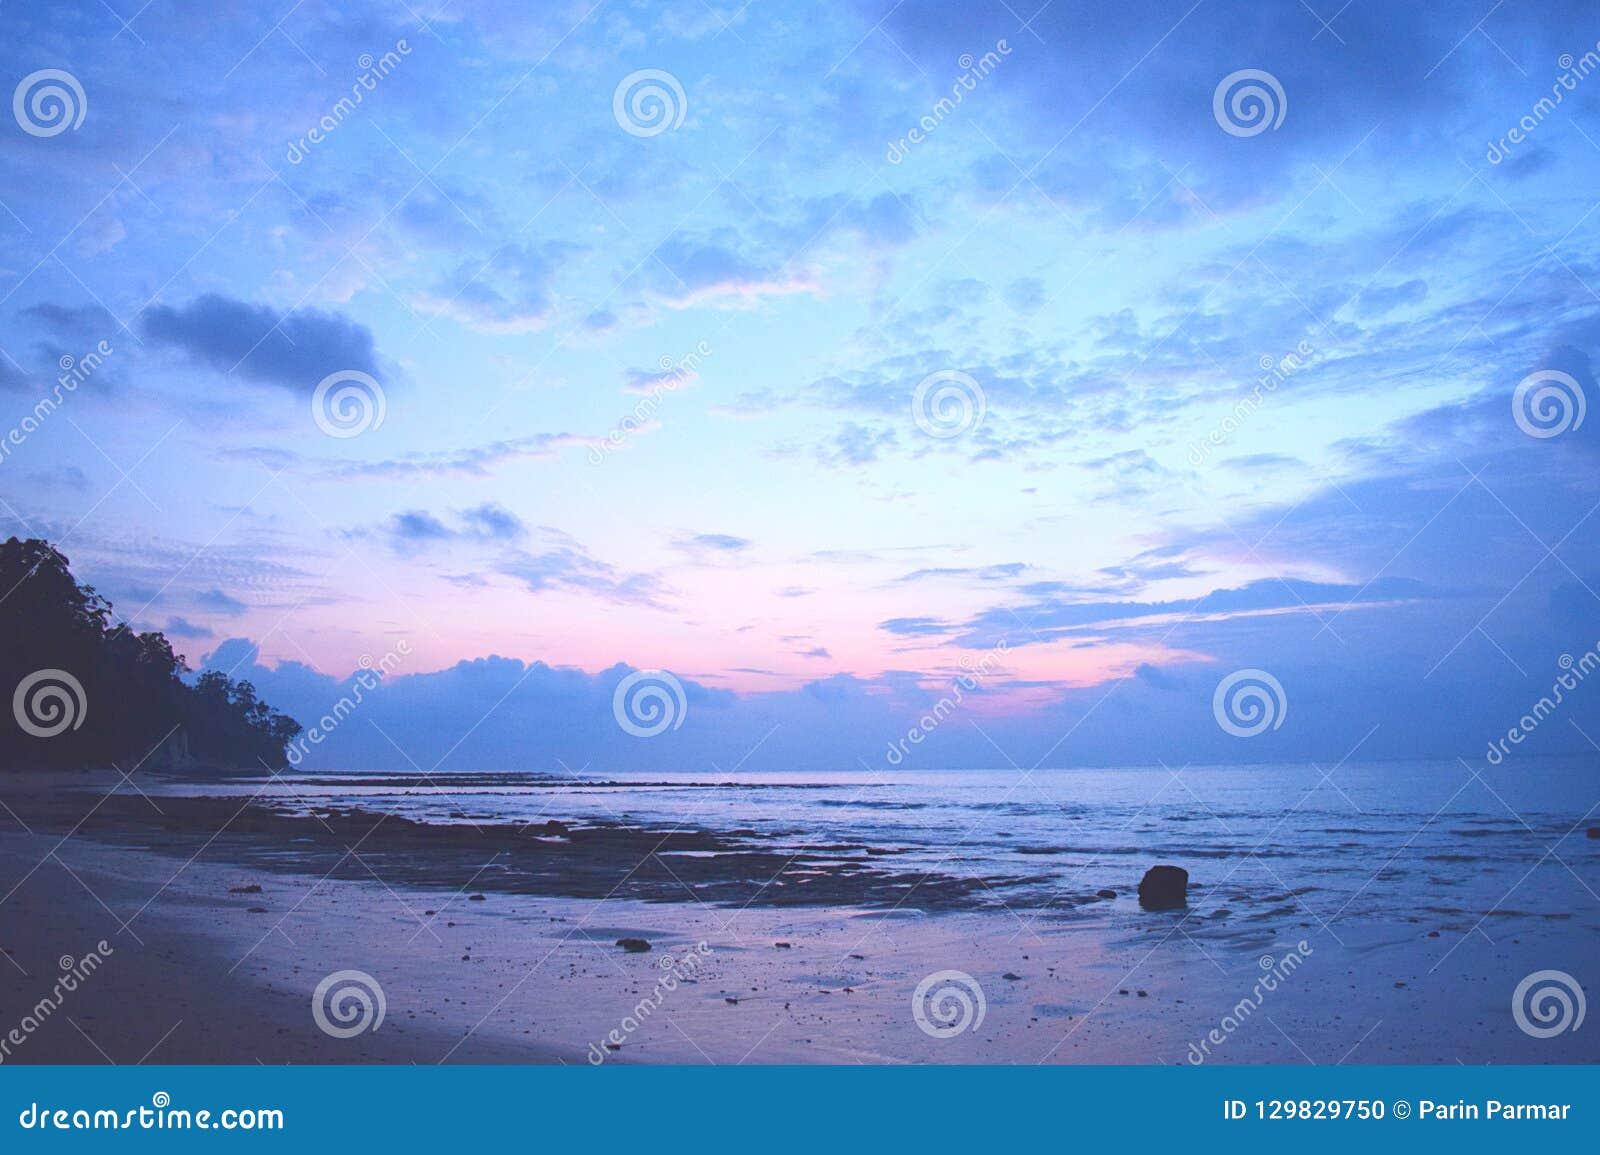 早晨好-黎明的颜色在天空的在平静的海滩-在日出-西塔普尔,尼尔海岛,安达曼尼科巴,印度前的几小时